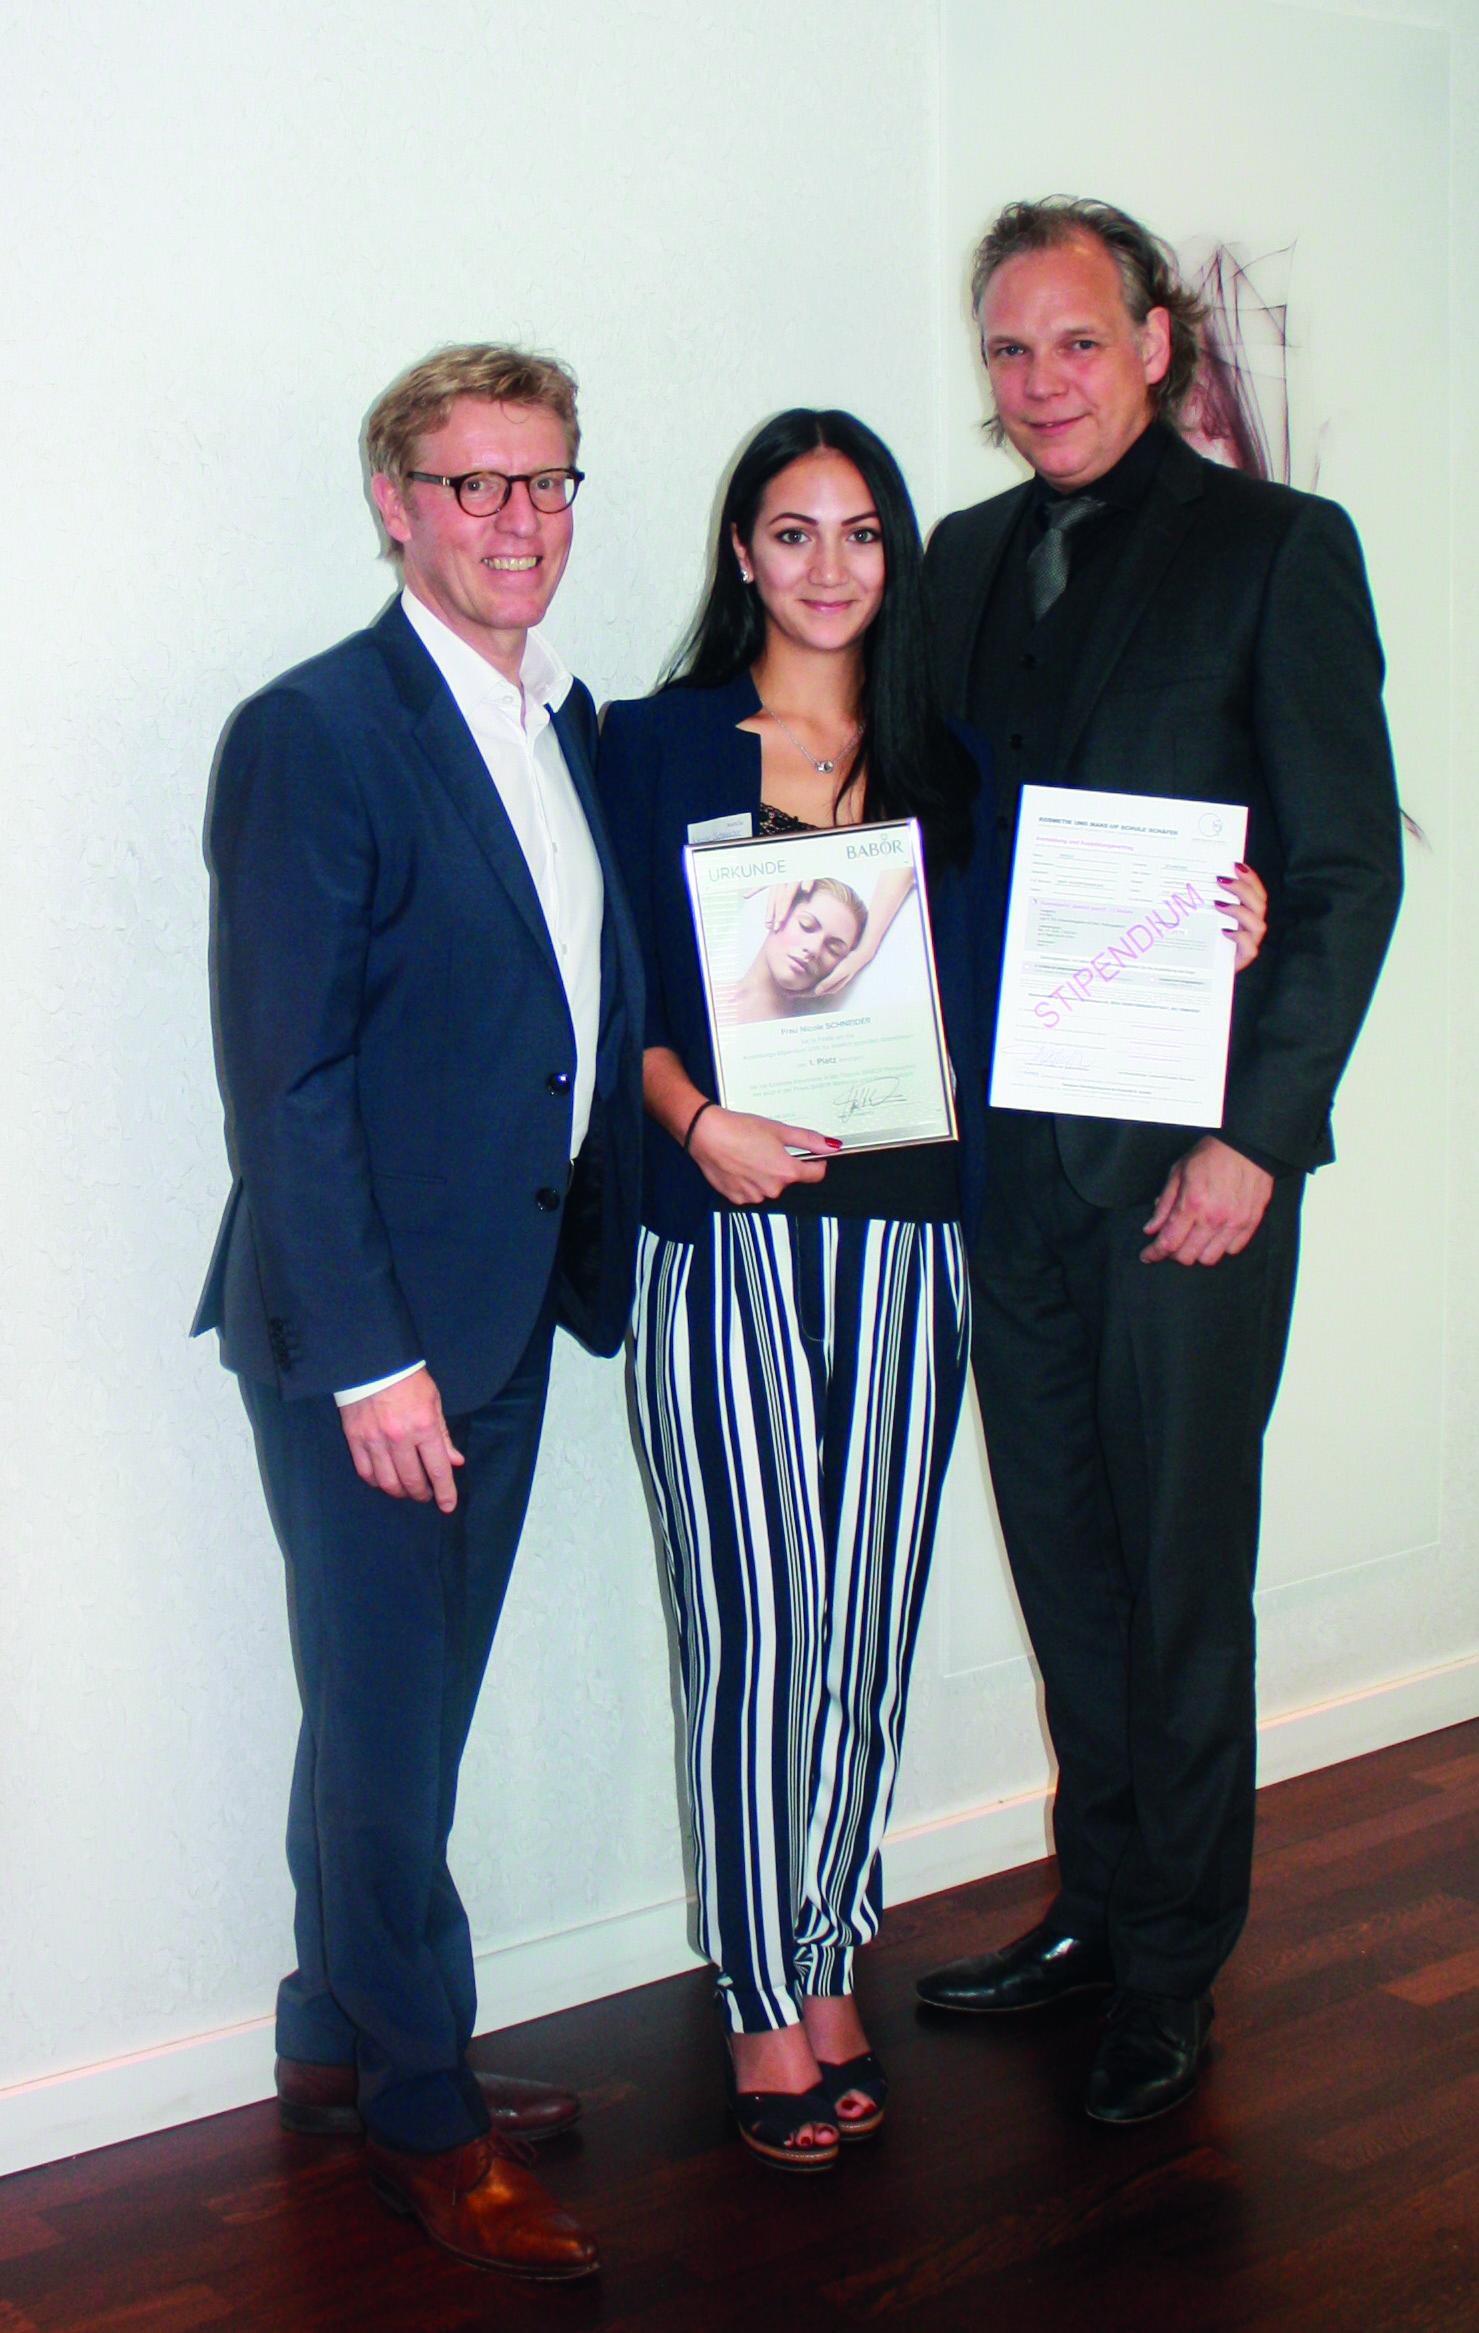 BABOR_Finale Stipendium Kosmetikschule Schäfer_Gewinnerin Nicole Schneider und Jury